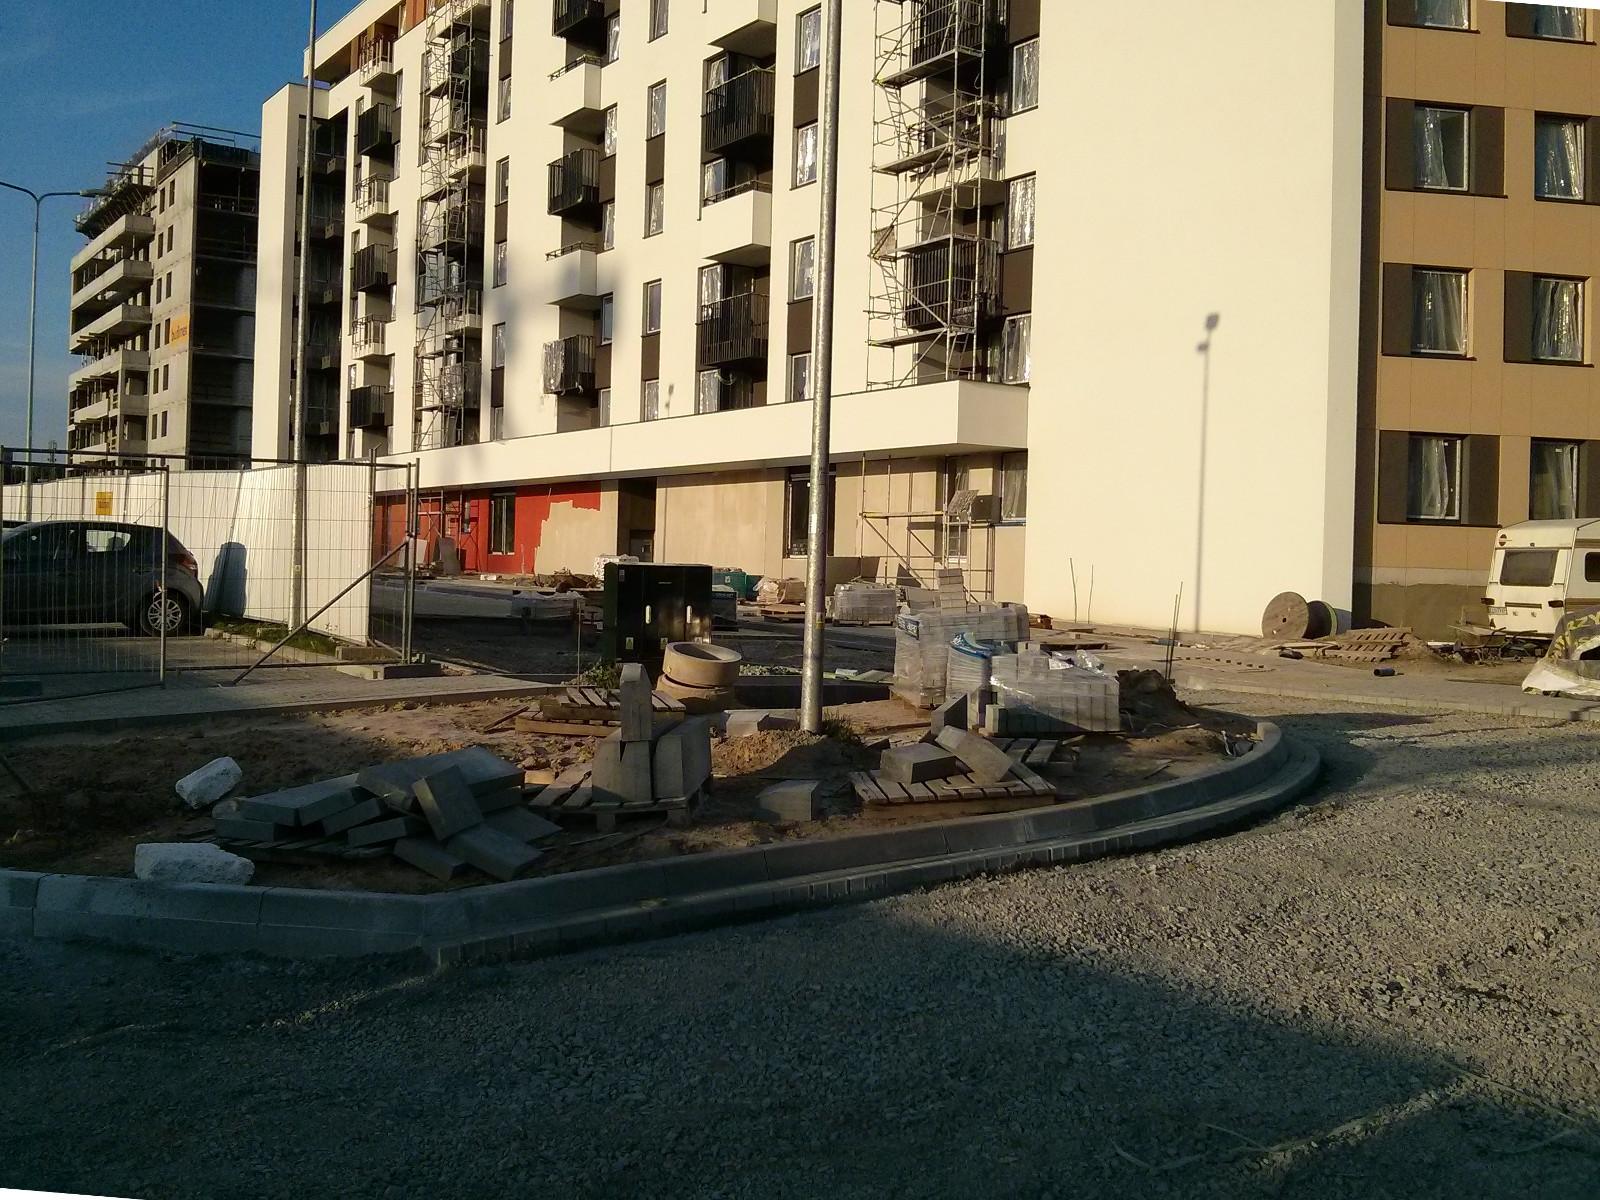 Osiedle Avia 4 - Budimex kończy nowe mieszkania w Krakowie